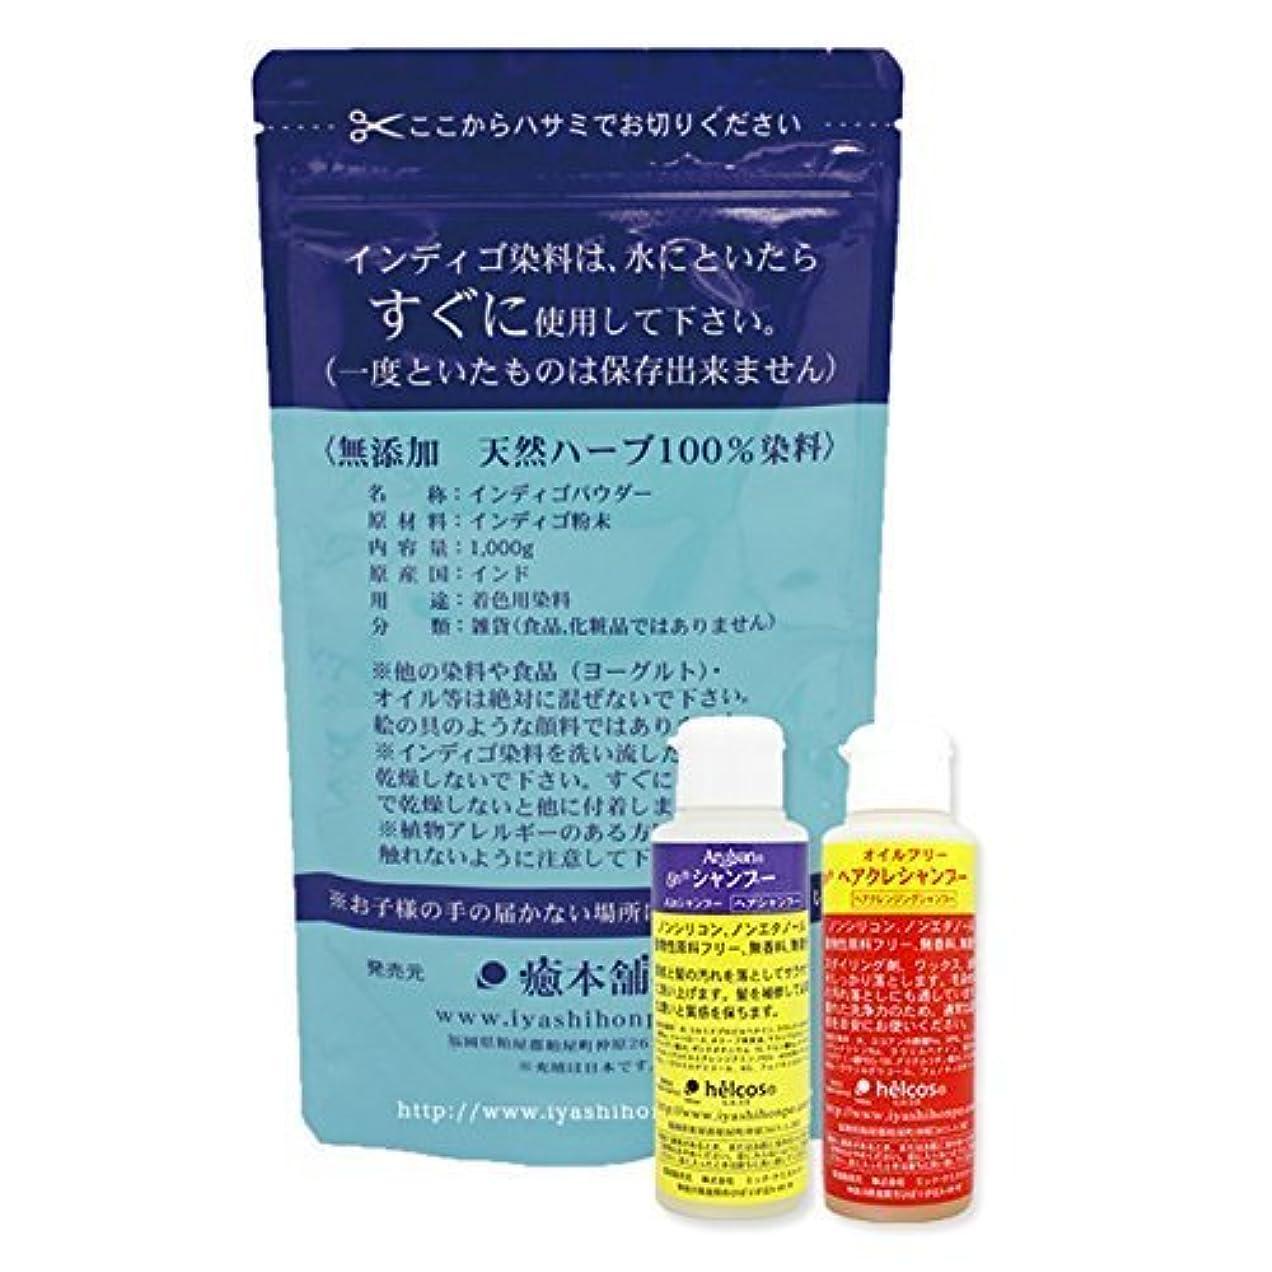 アボート省死傷者白髪染め インディゴ(天然染料100%) 1kg+シャンプー2種セット 癒本舗